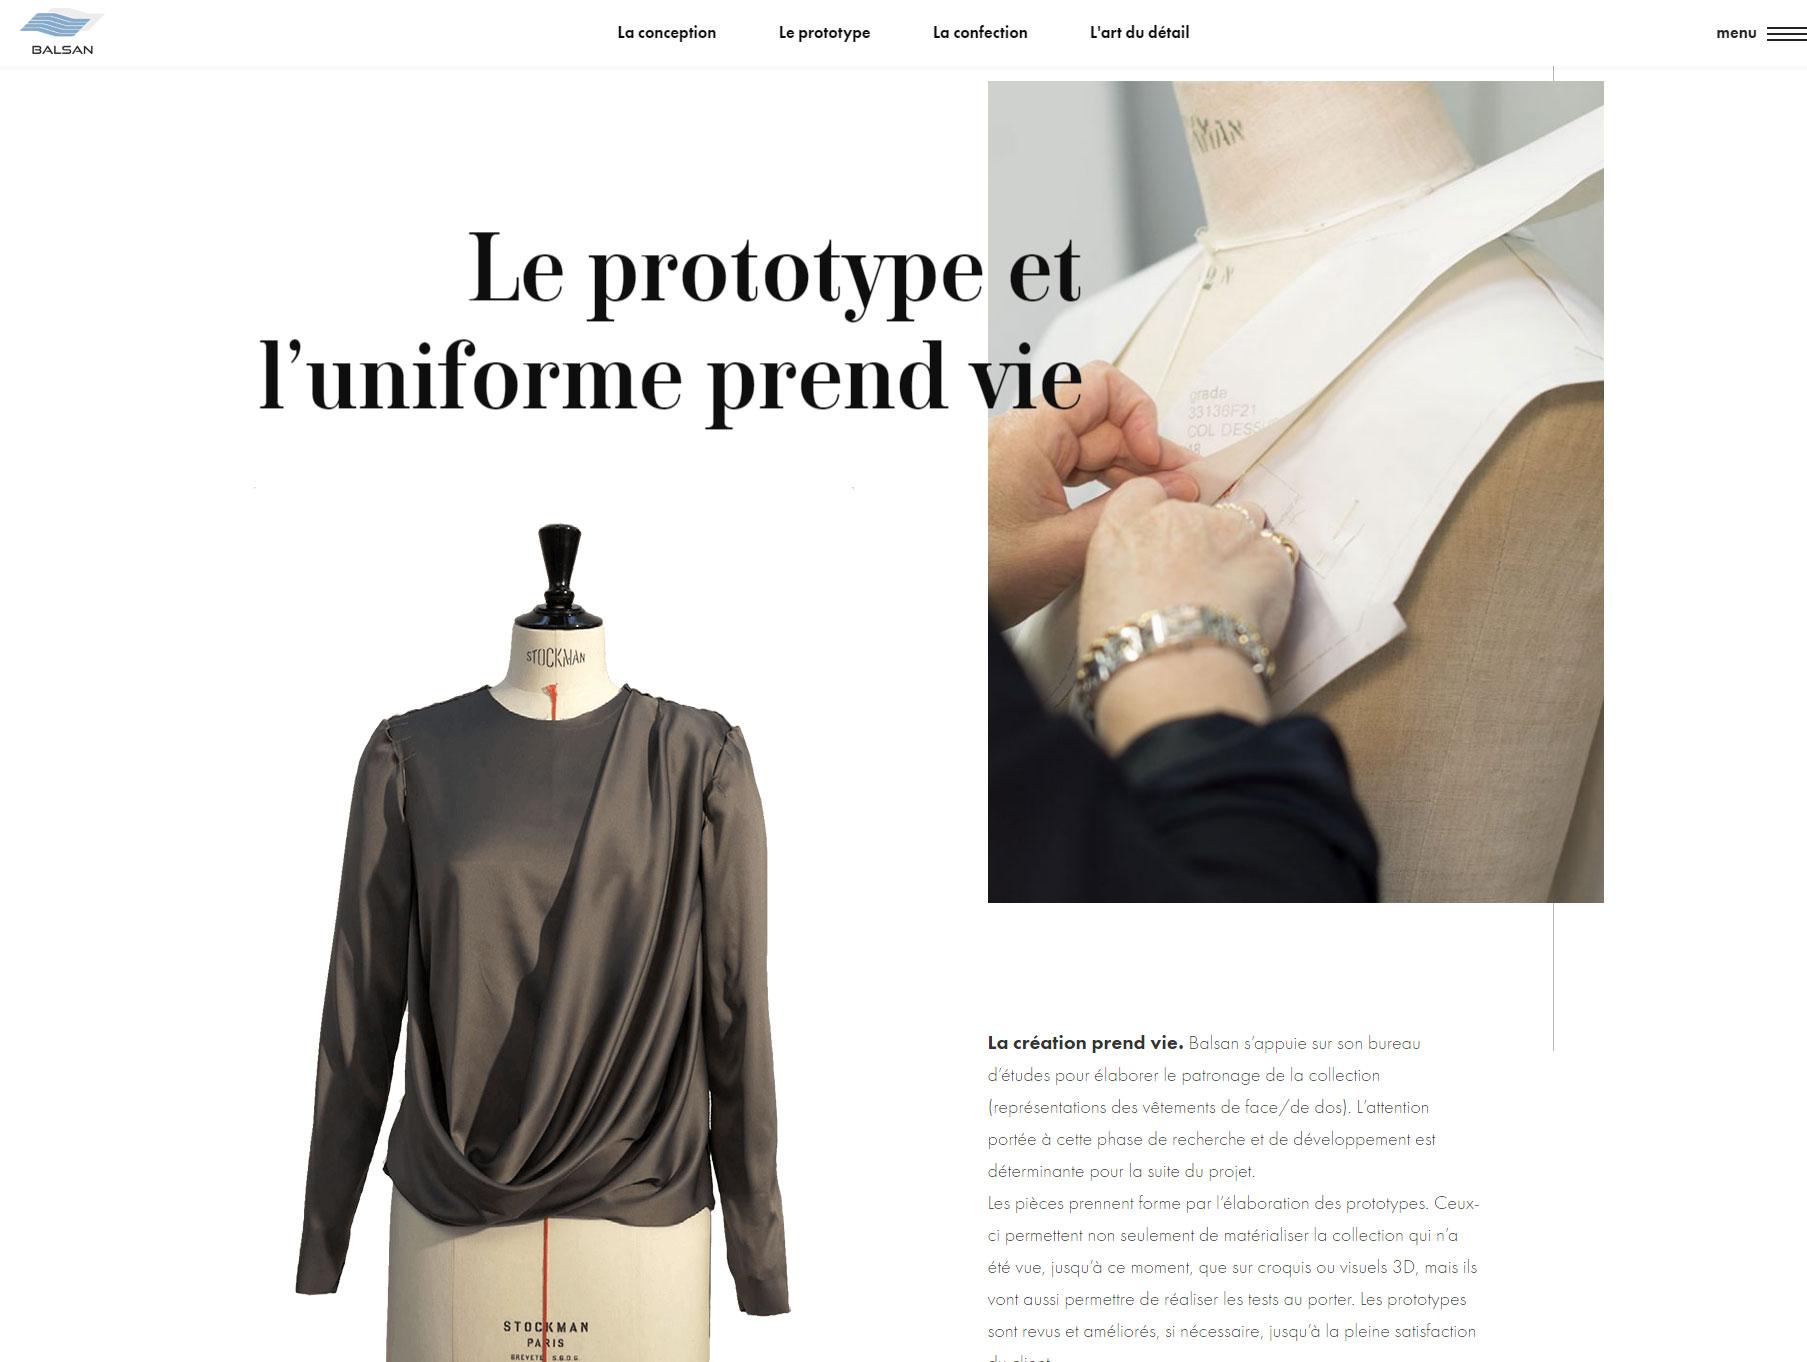 Balsan, la Griffe de l'Uniforme - Website of the Day